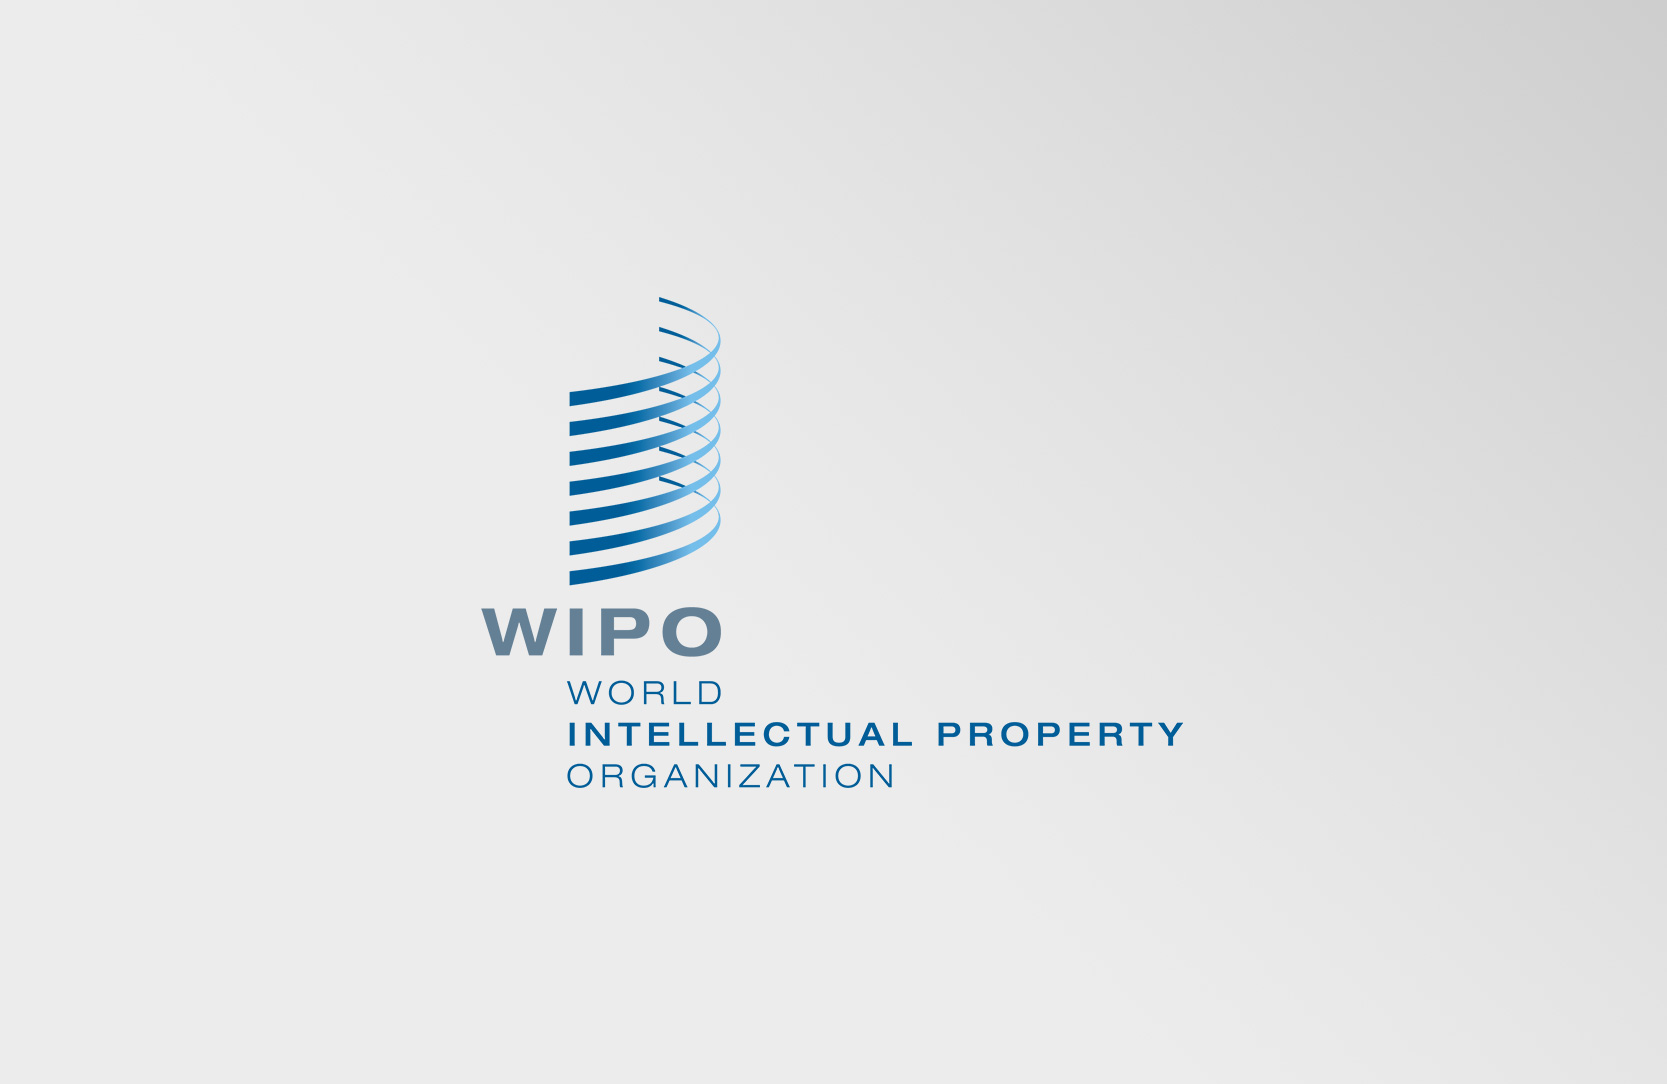 orld intellectual property organization - HD1667×1084